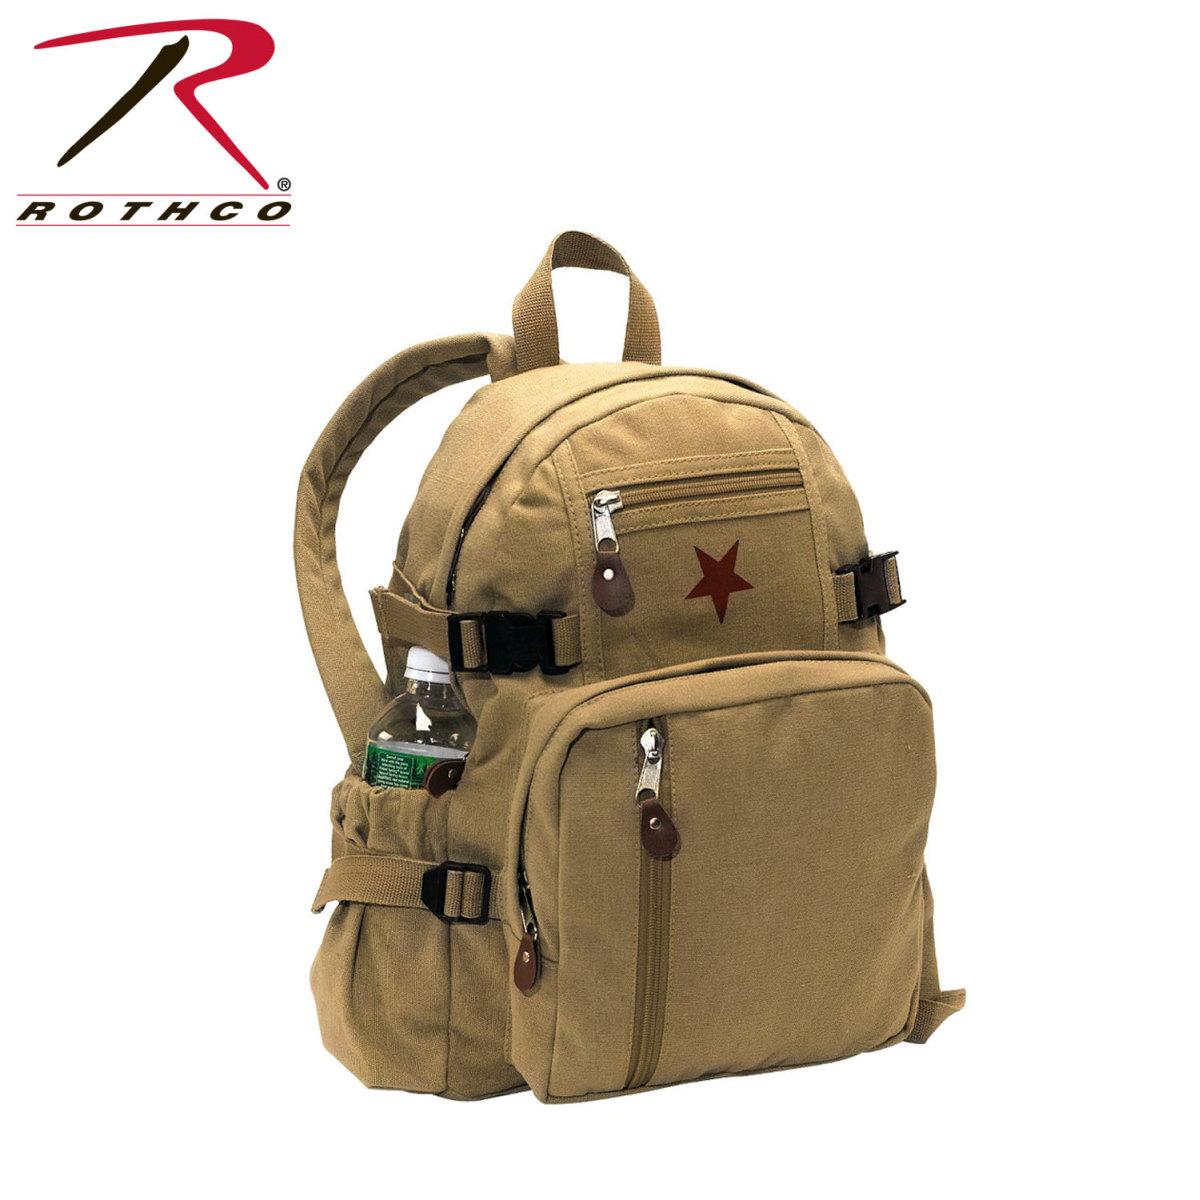 d30dc6ea2 Rothco Vintage Canvas Mini Backpack / Star - Khaki